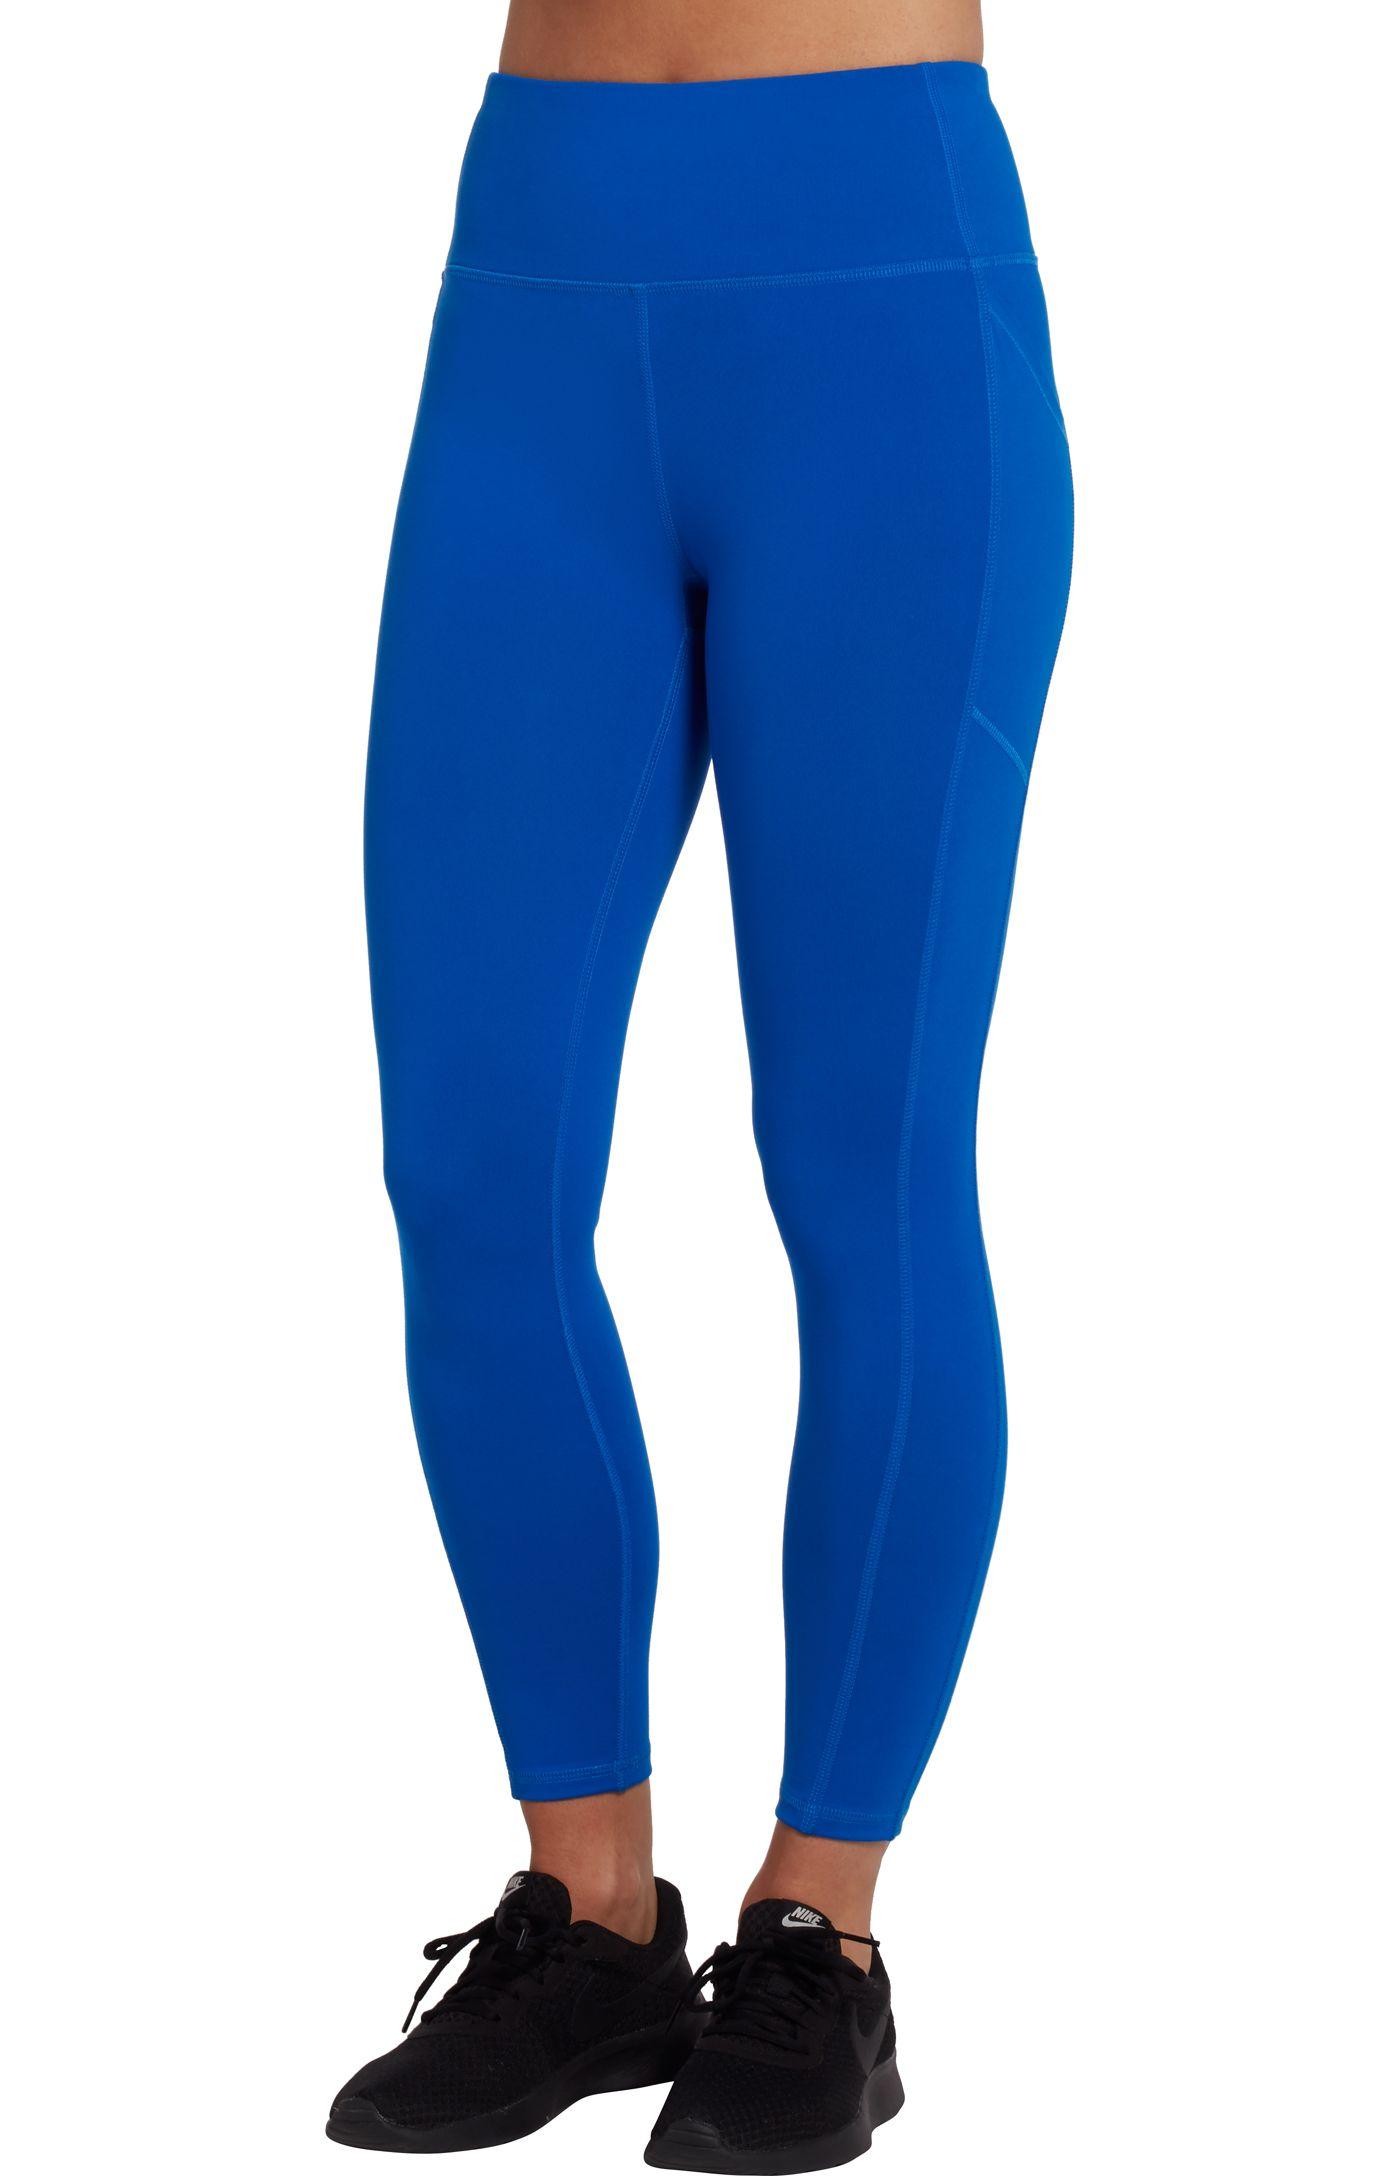 DSG Women's Performance 7/8 Leggings